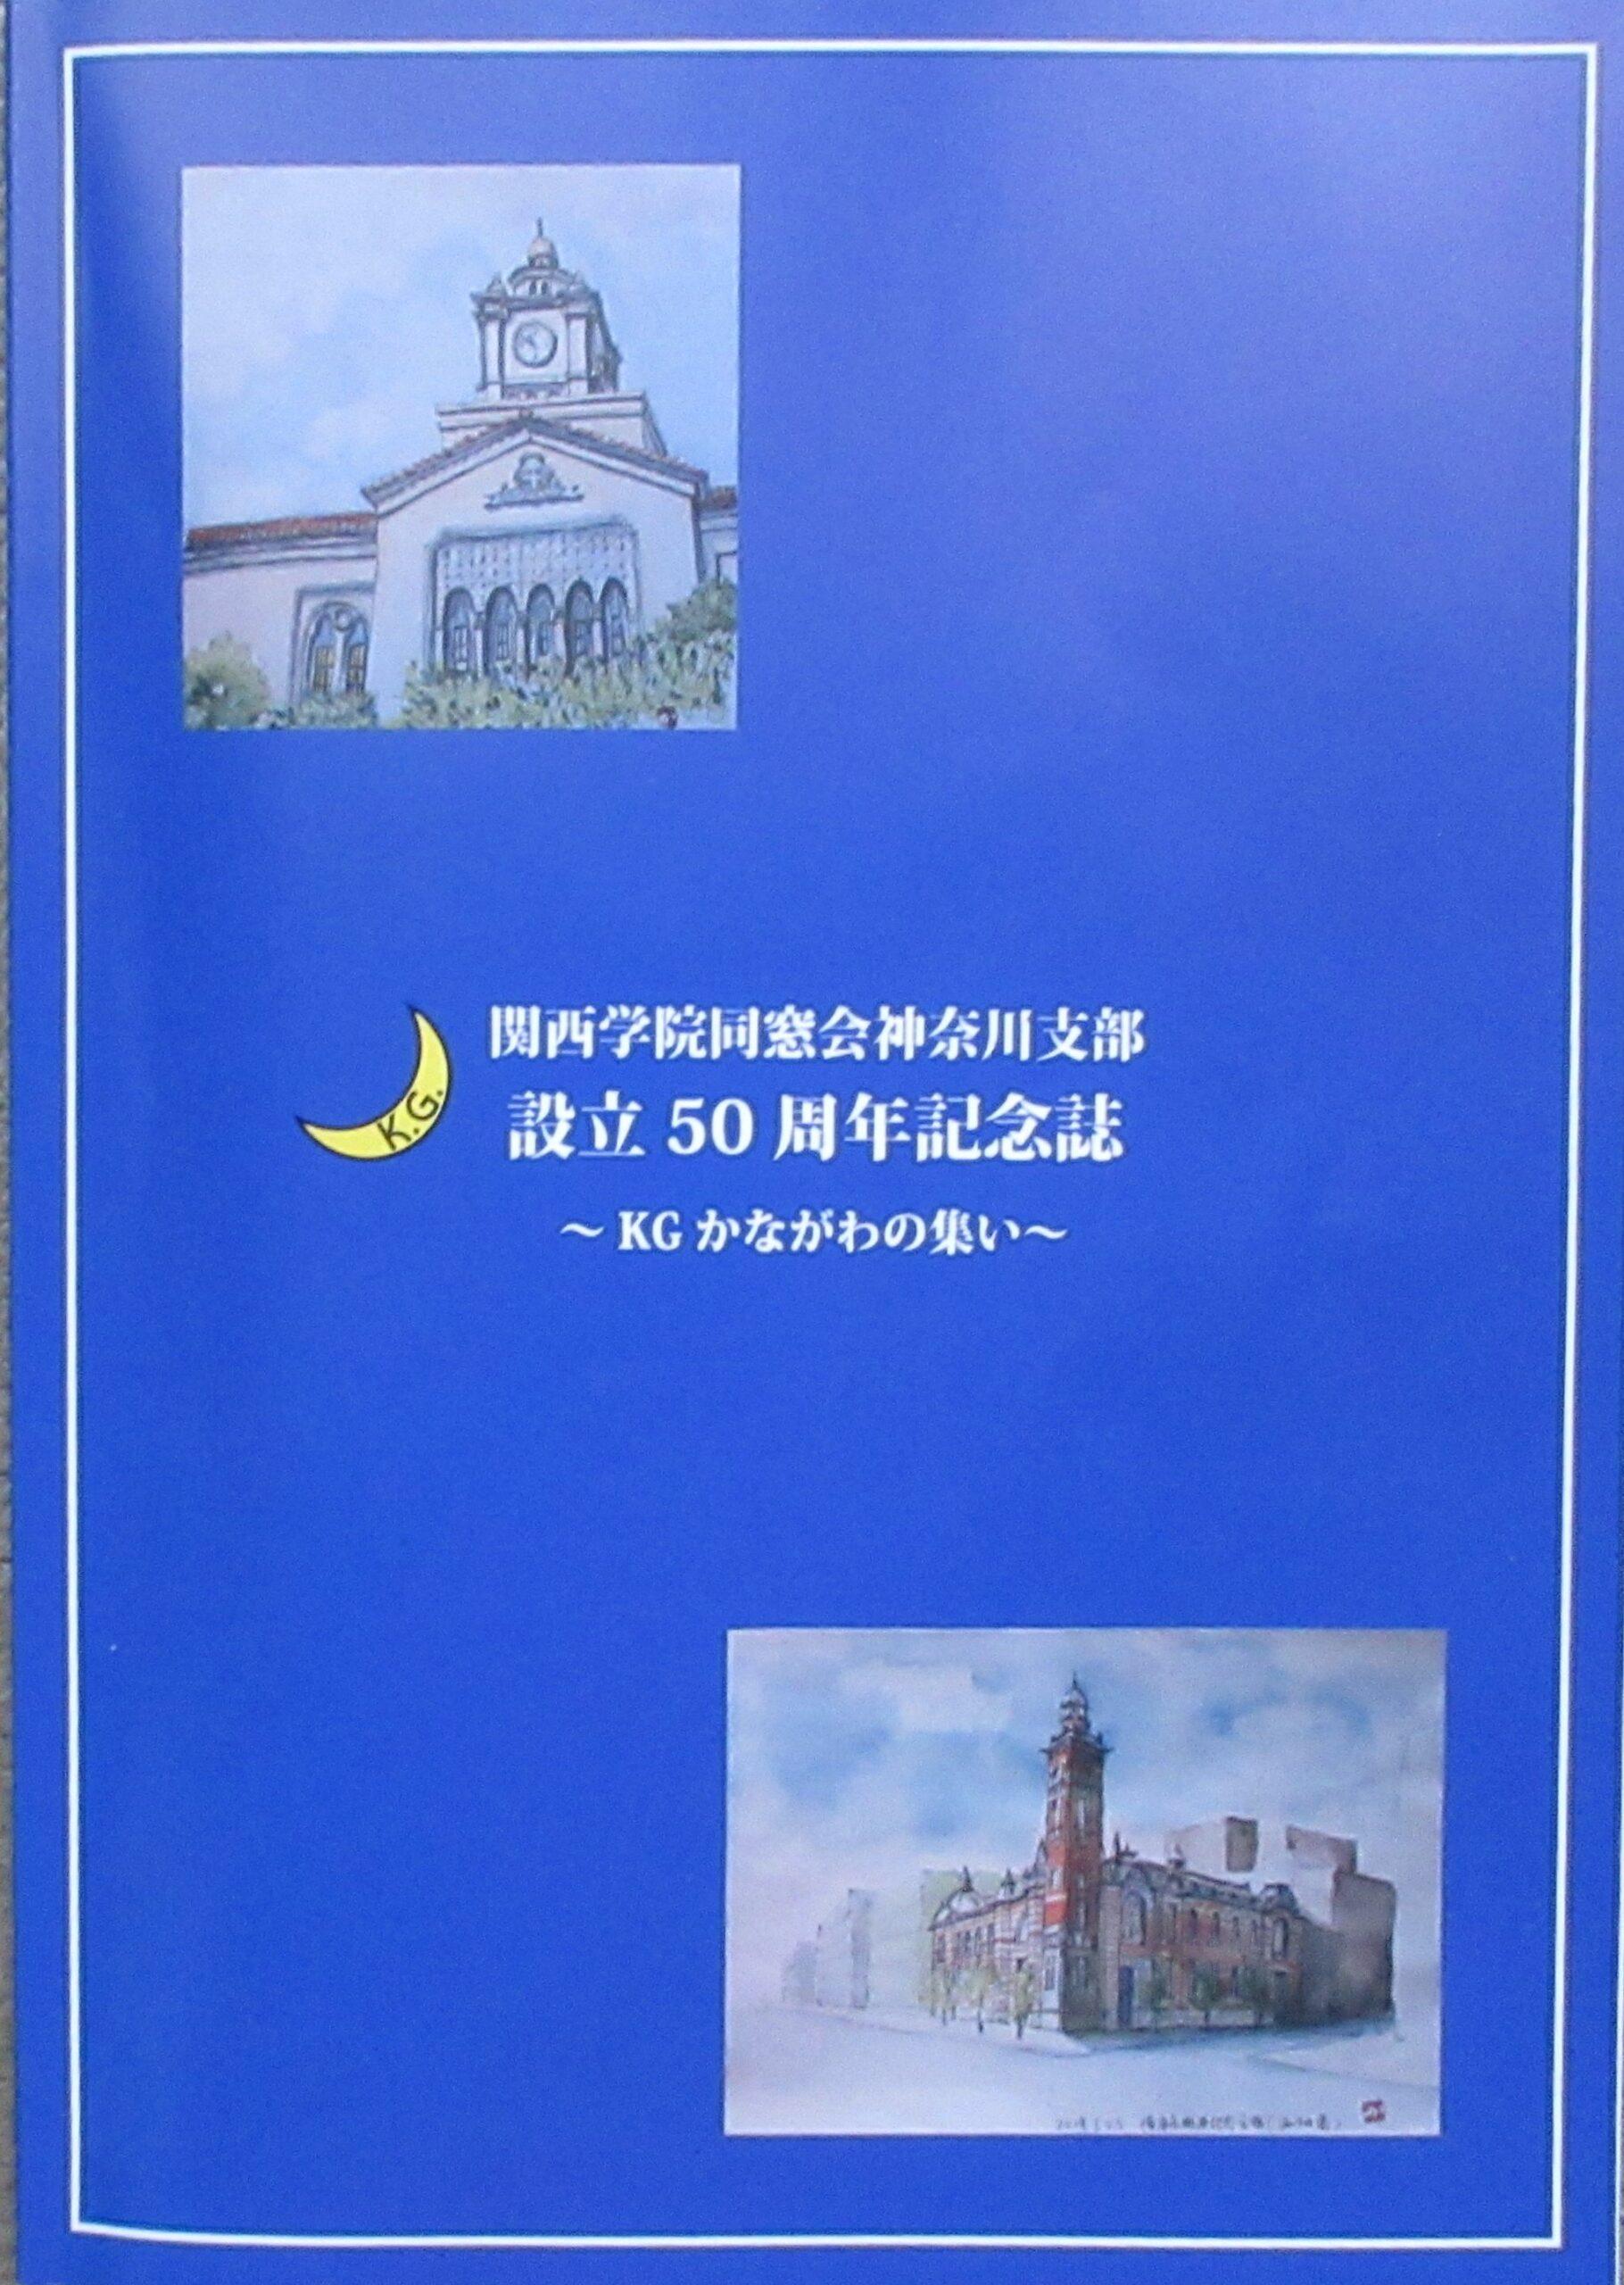 神奈川支部設立50周年記念誌の発行